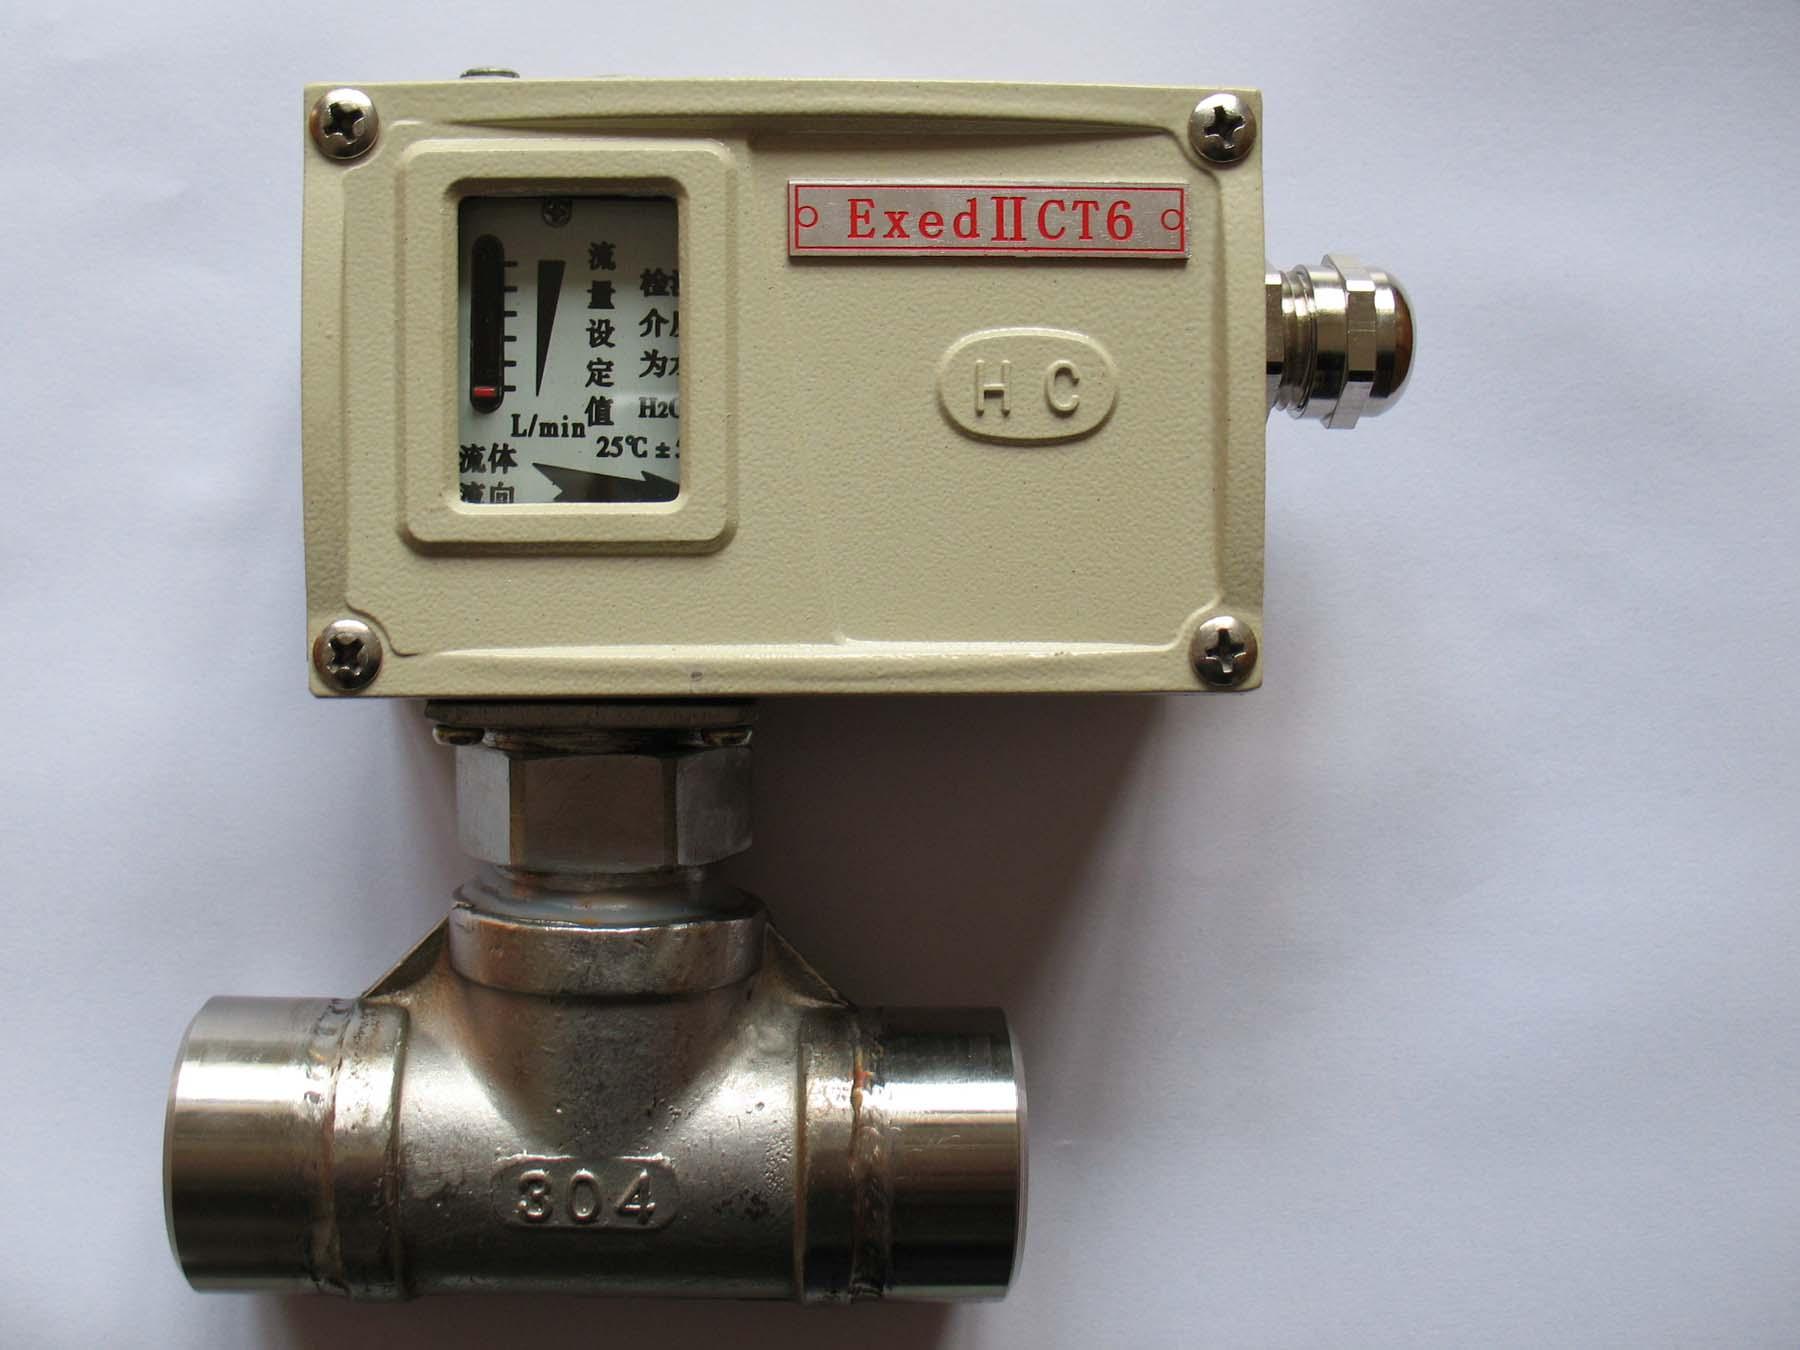 宜昌慧诚自动化设备有限责任公司(详情可咨询0717-3031391、6487246、7876066)销售的HL系列流量控制器,流量开关,消防水流量开关是一种通过力转换原理实现流量控制和保护的流量仪表;HK系列流量显控器、显示型流量开关、显示型流量控制器是带刻度指示的一种自动控制和保护装置仪表,并随着管道中流量的变化而使电路闭合或断开的一种控制器。并对管道流量作二位或控制式报警。本产品有生产许可备案号。来电、量大价格可电议。 一、产品用途: HL、HK流量控制器广泛用于石油、冶金、电力、机械、化工、船舶等行